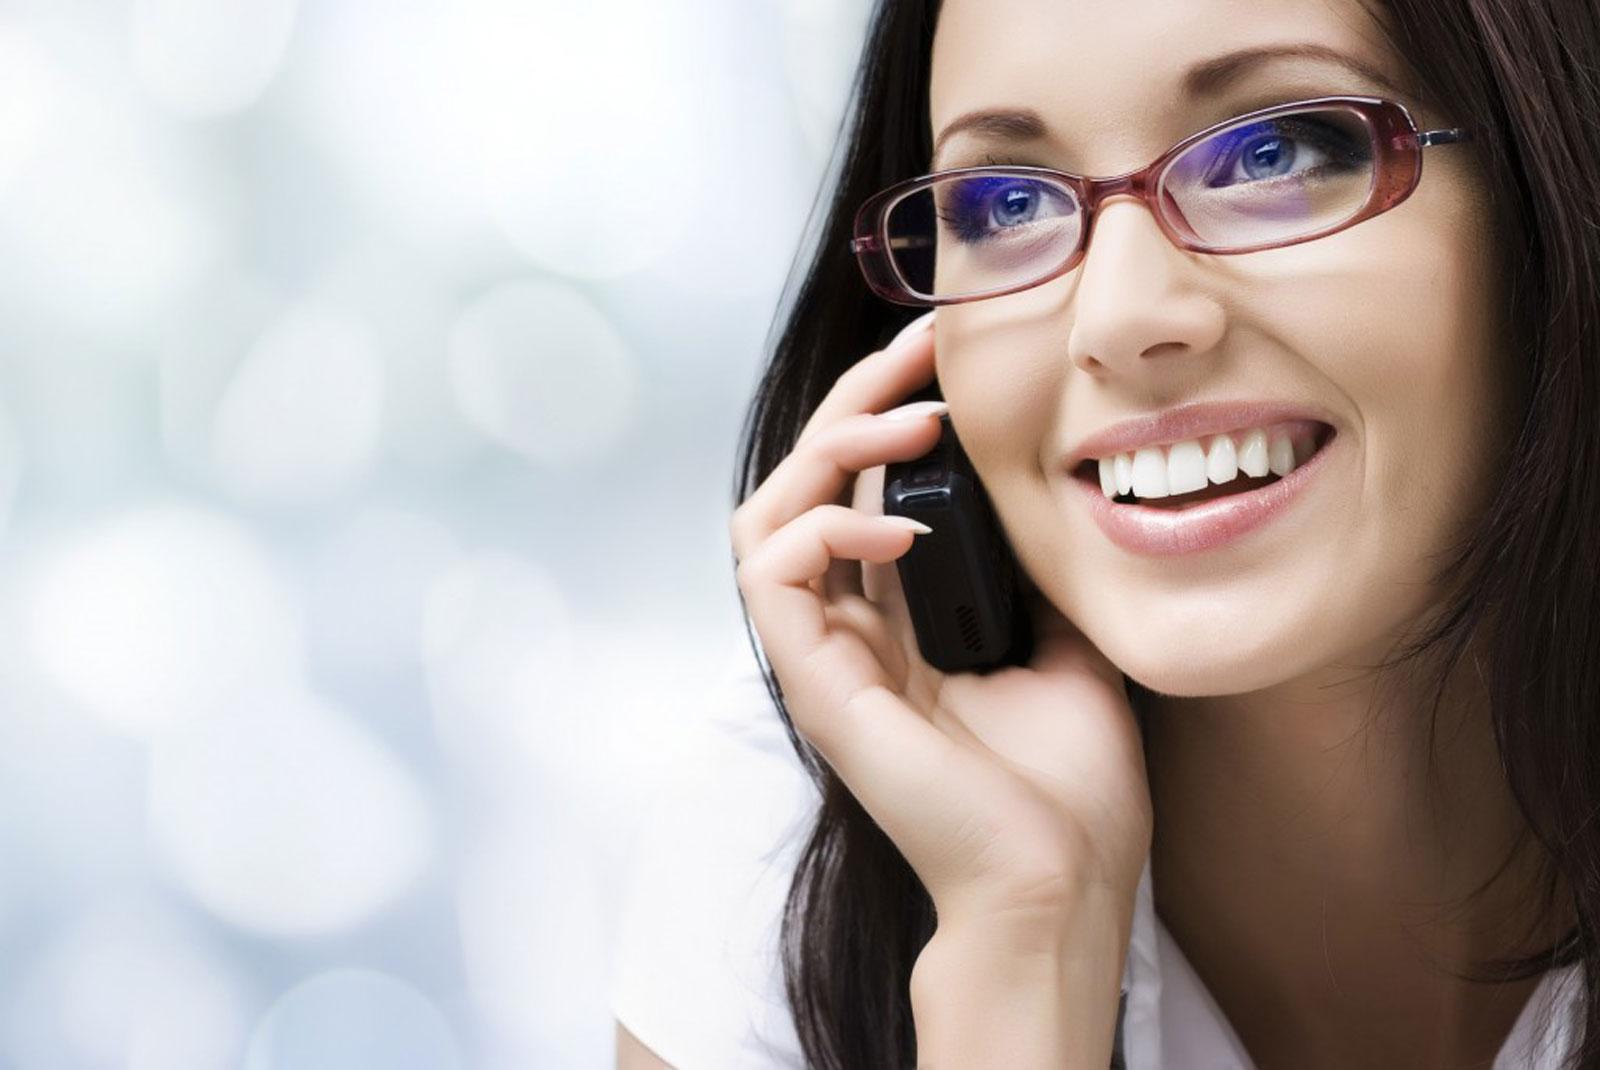 Telefonakquise: So machen Sie die Sekretärin zu Ihrer Verbündeten